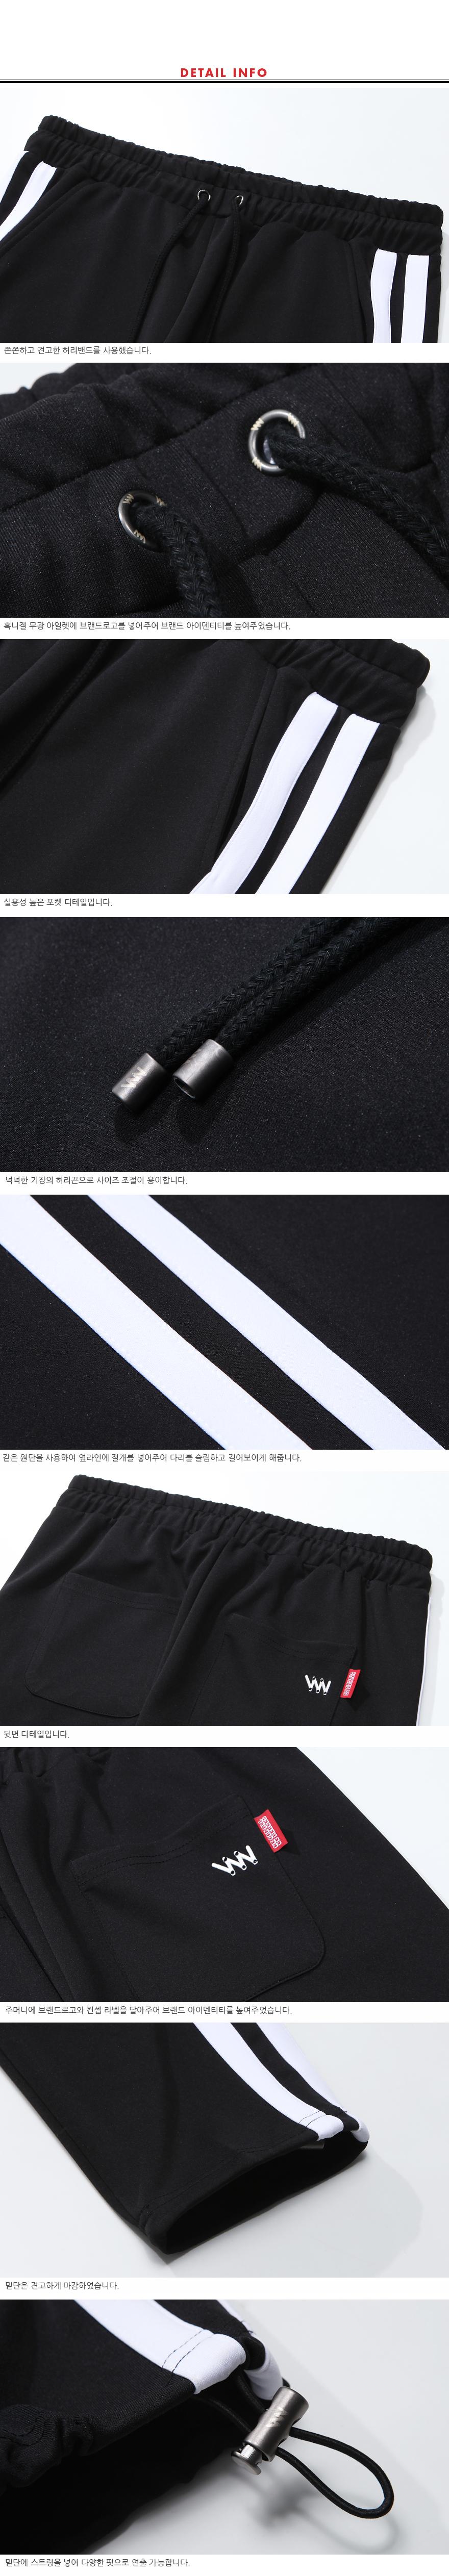 [기획특가][더블유브이프로젝트] 헤드라이트 트랙팬츠 블랙 KHLP7282